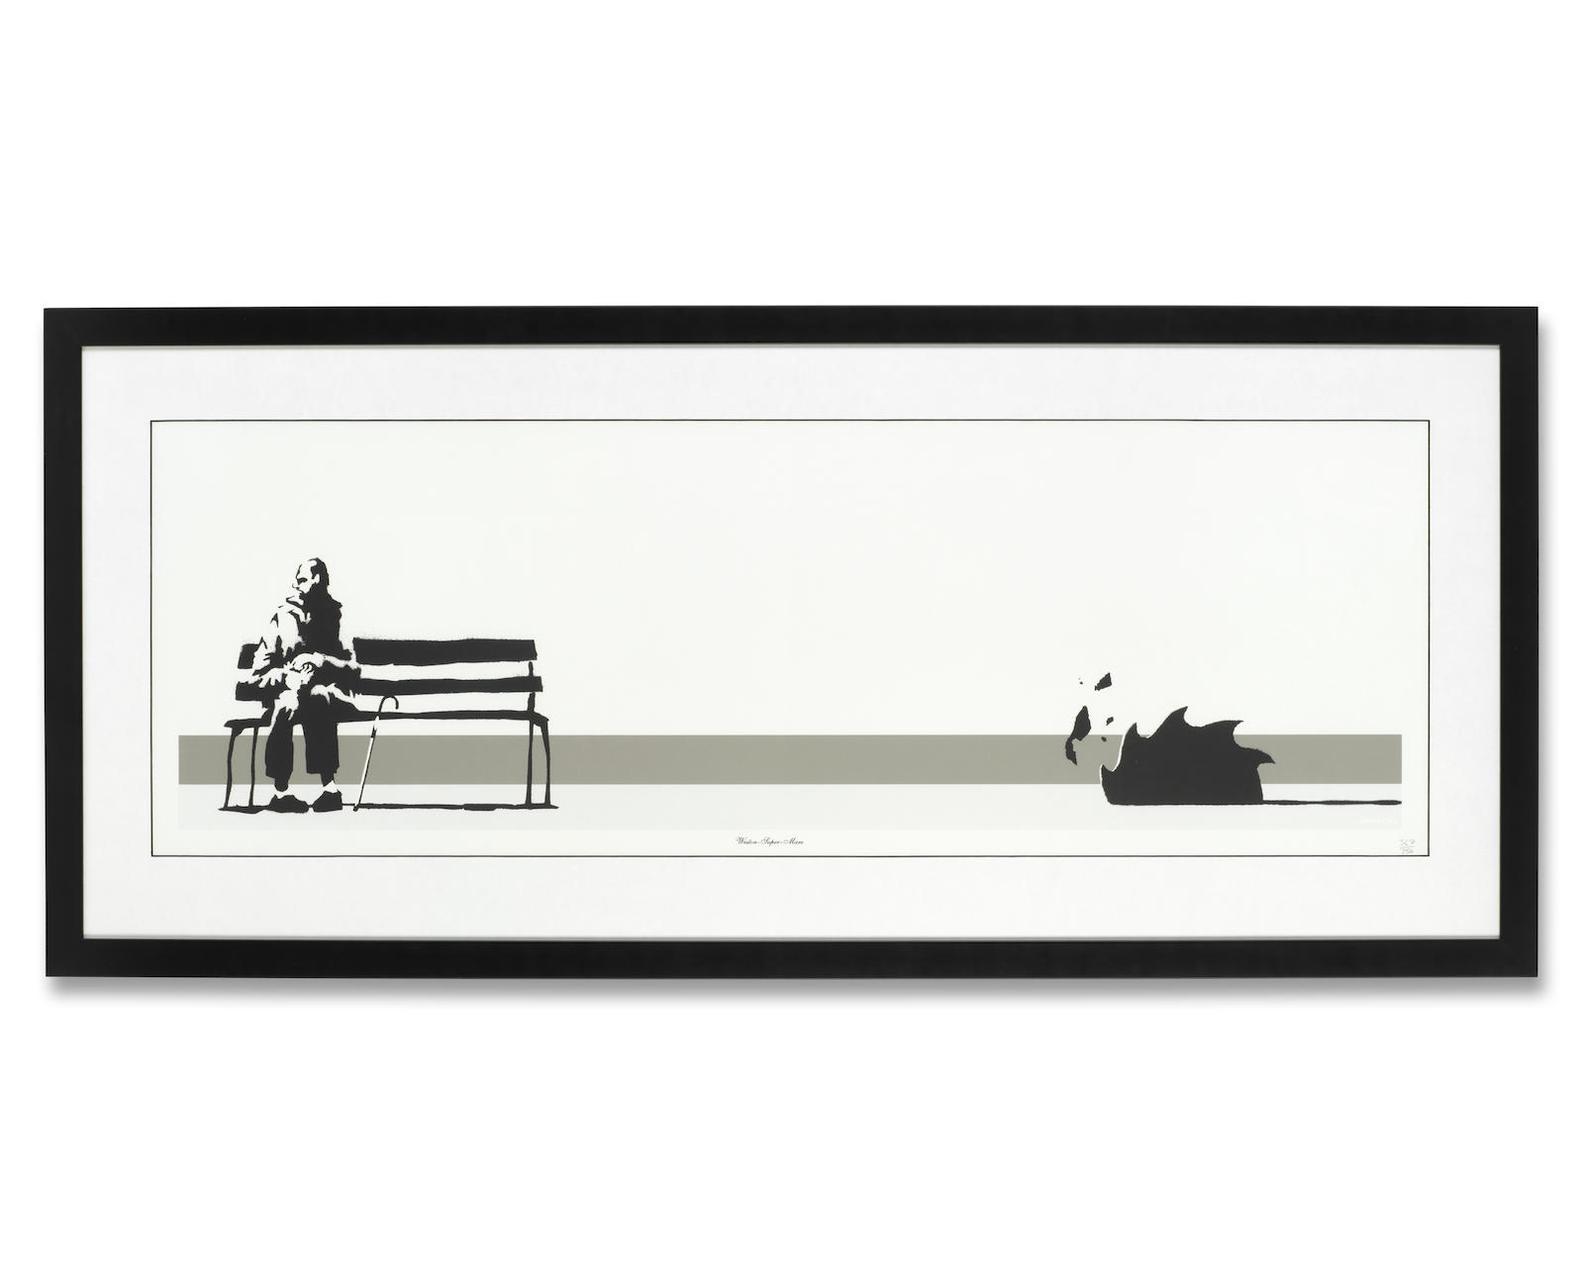 Banksy-Weston-Super-Mare-2003